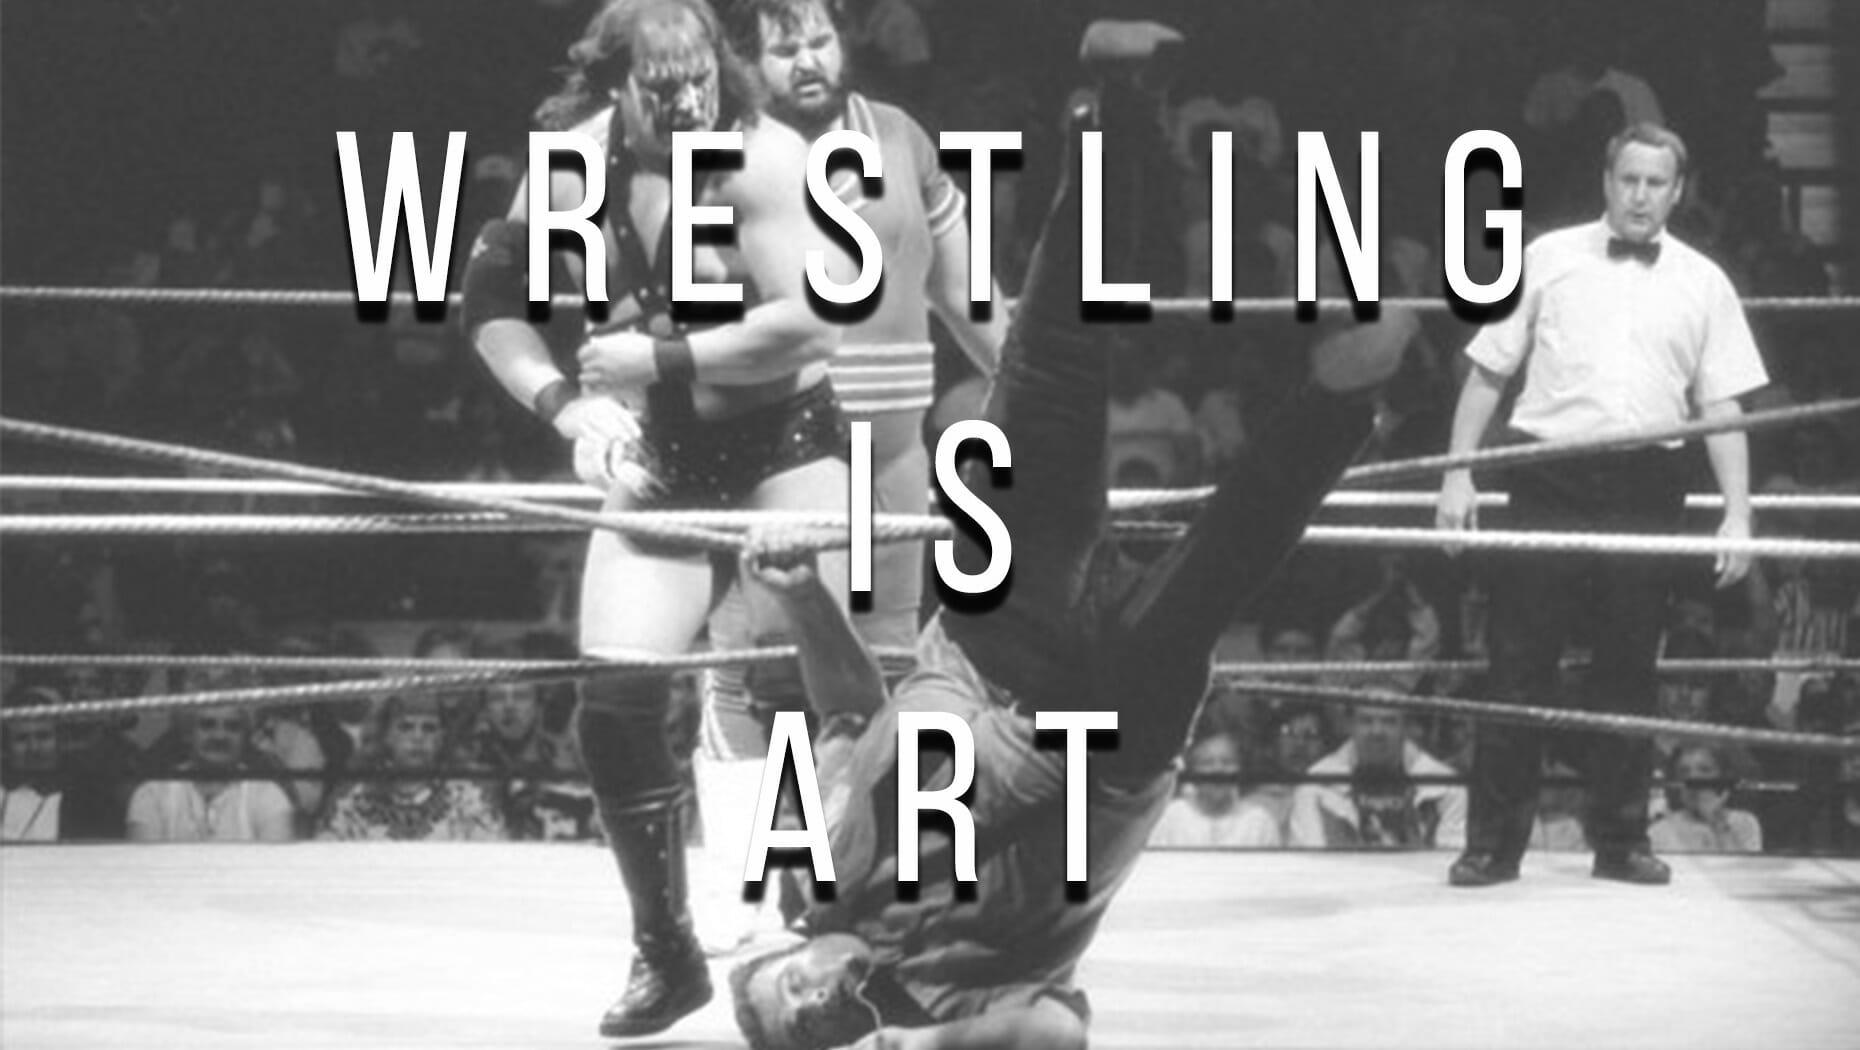 Wrestling is an art form | Design: JP Zarka, ProWrestlingStories.com